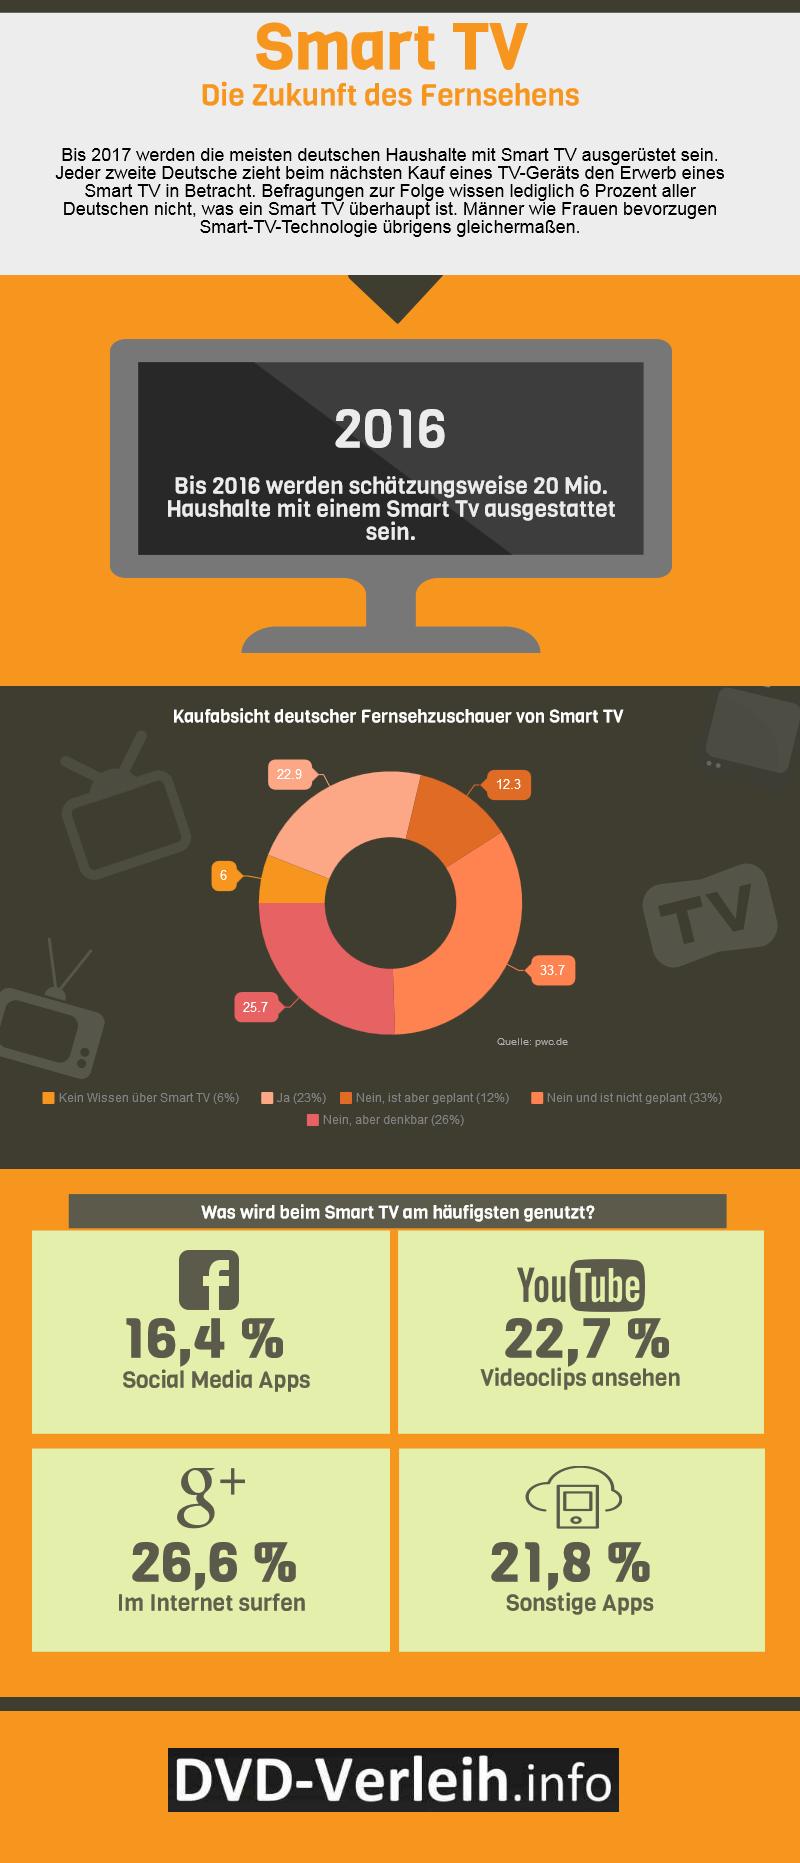 Infografik zur Nutzung von Smart TV